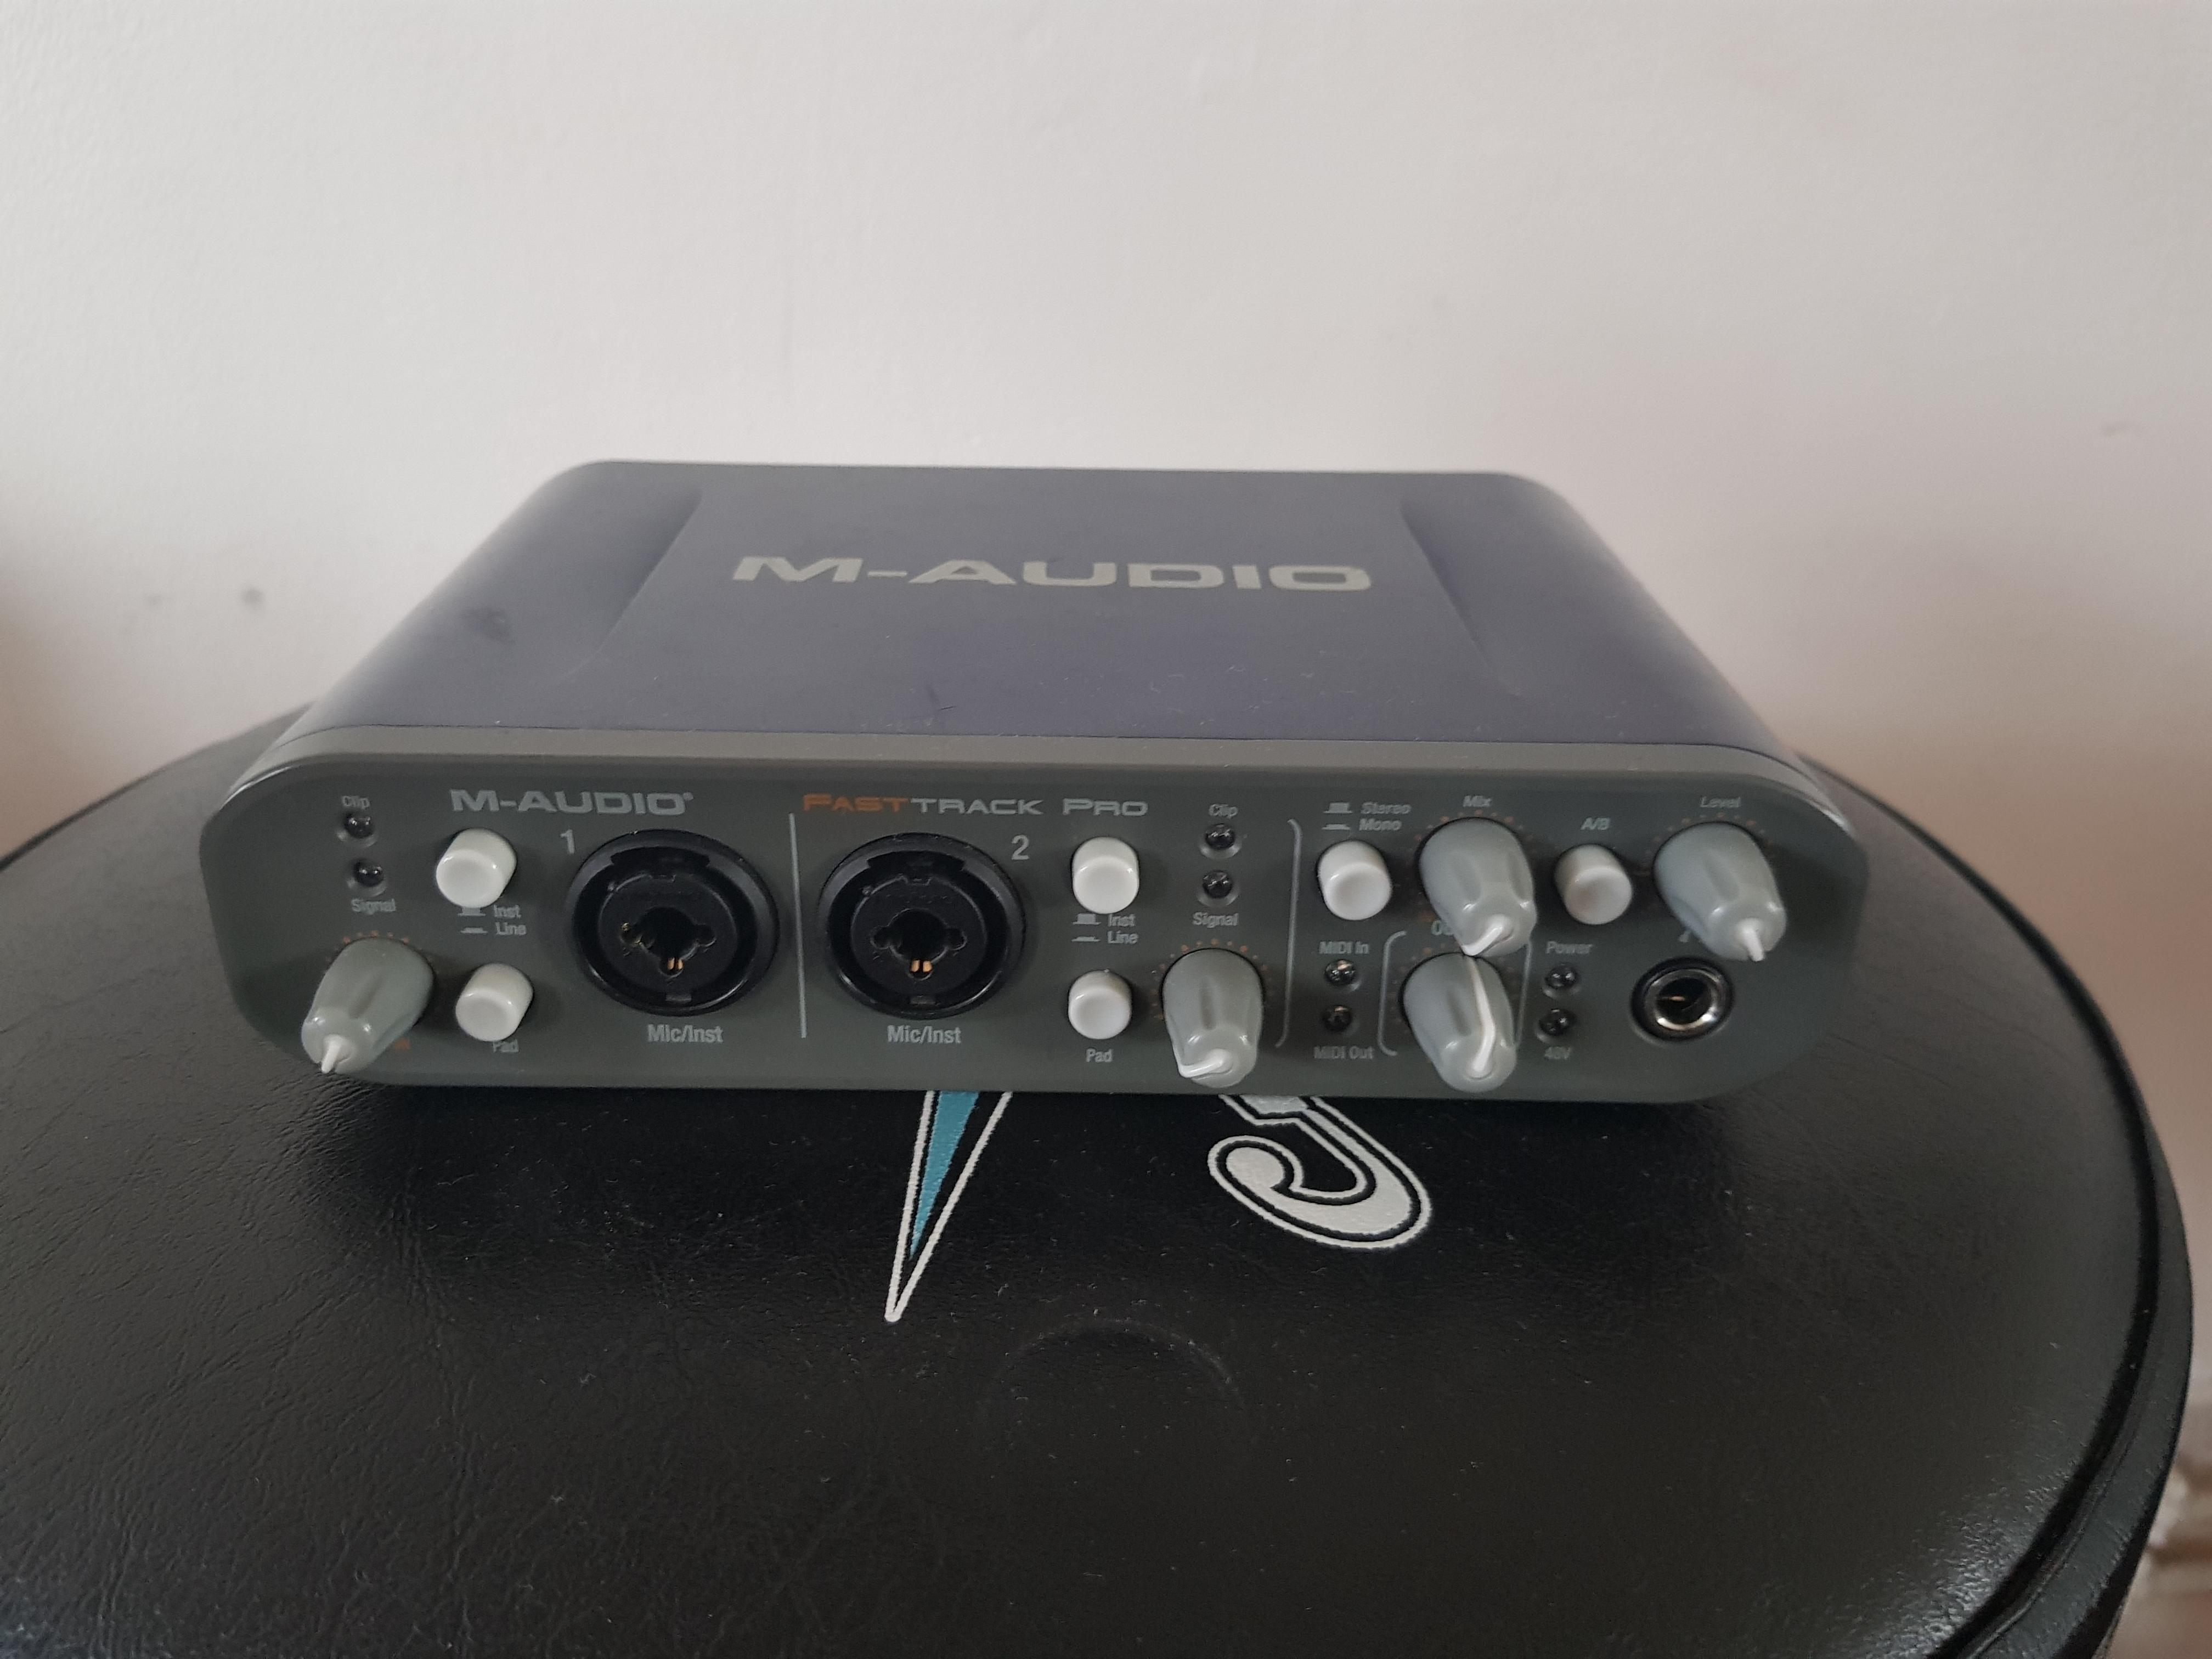 Track asio fast driver pro m-audio